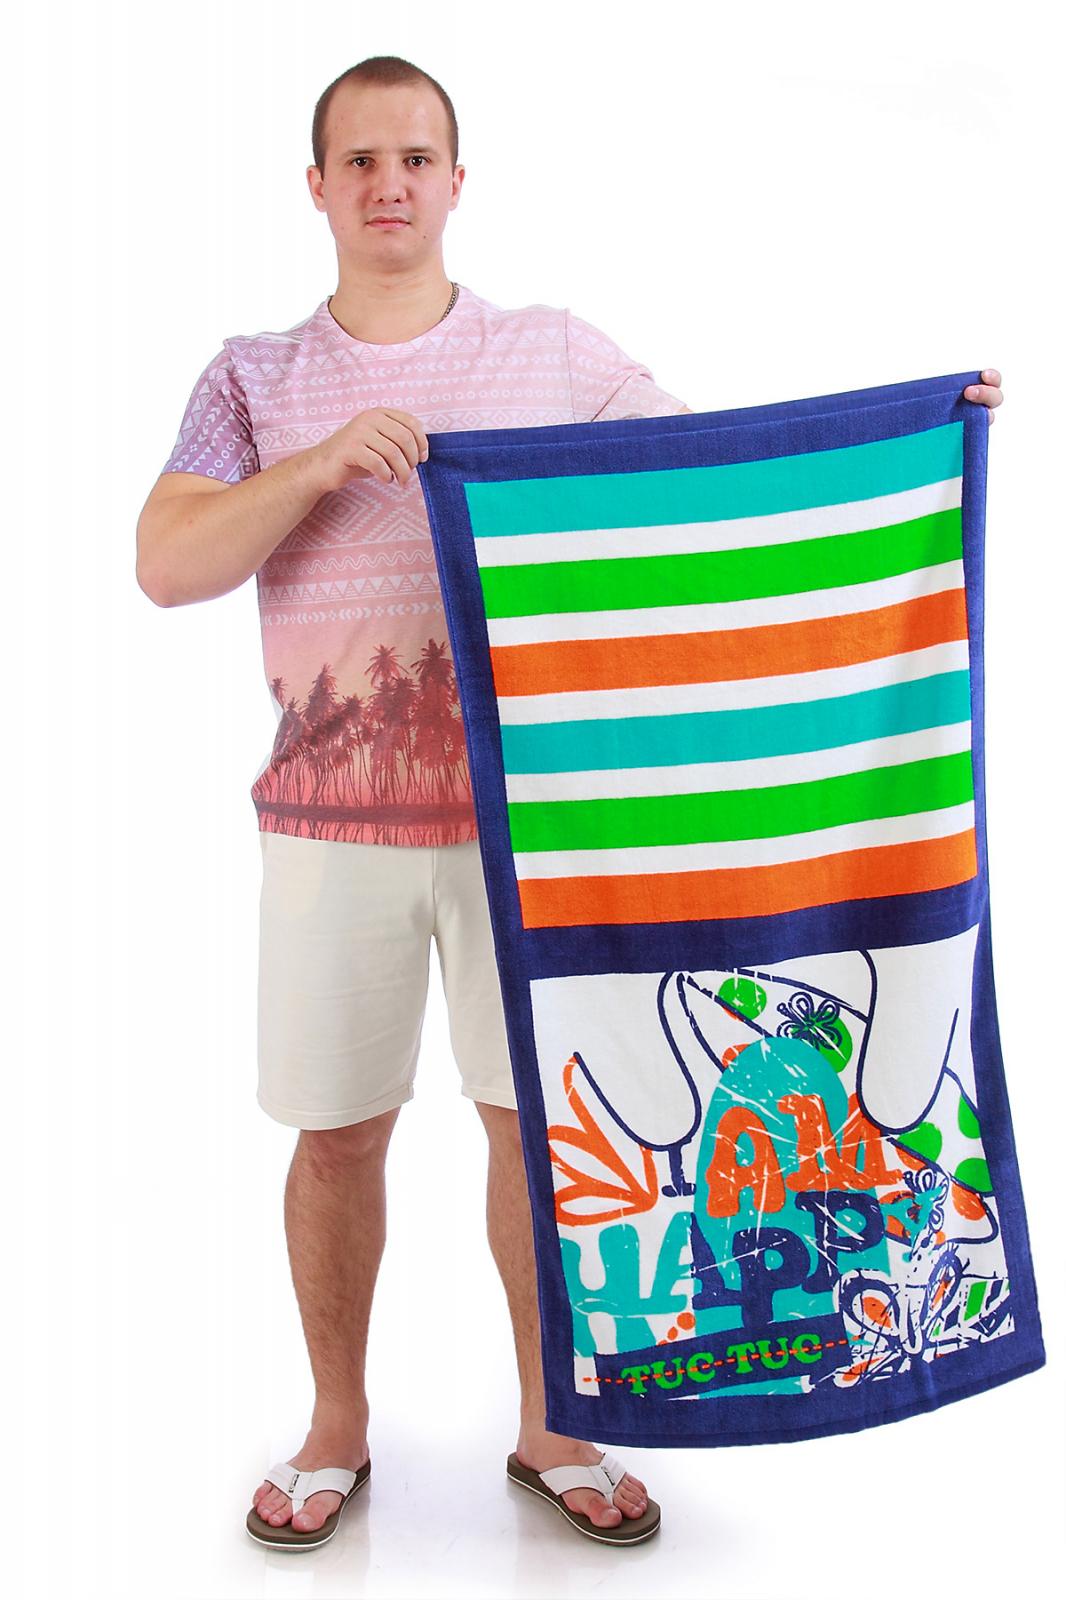 Полотенце пляжное цветное - купить онлайн с доставкой